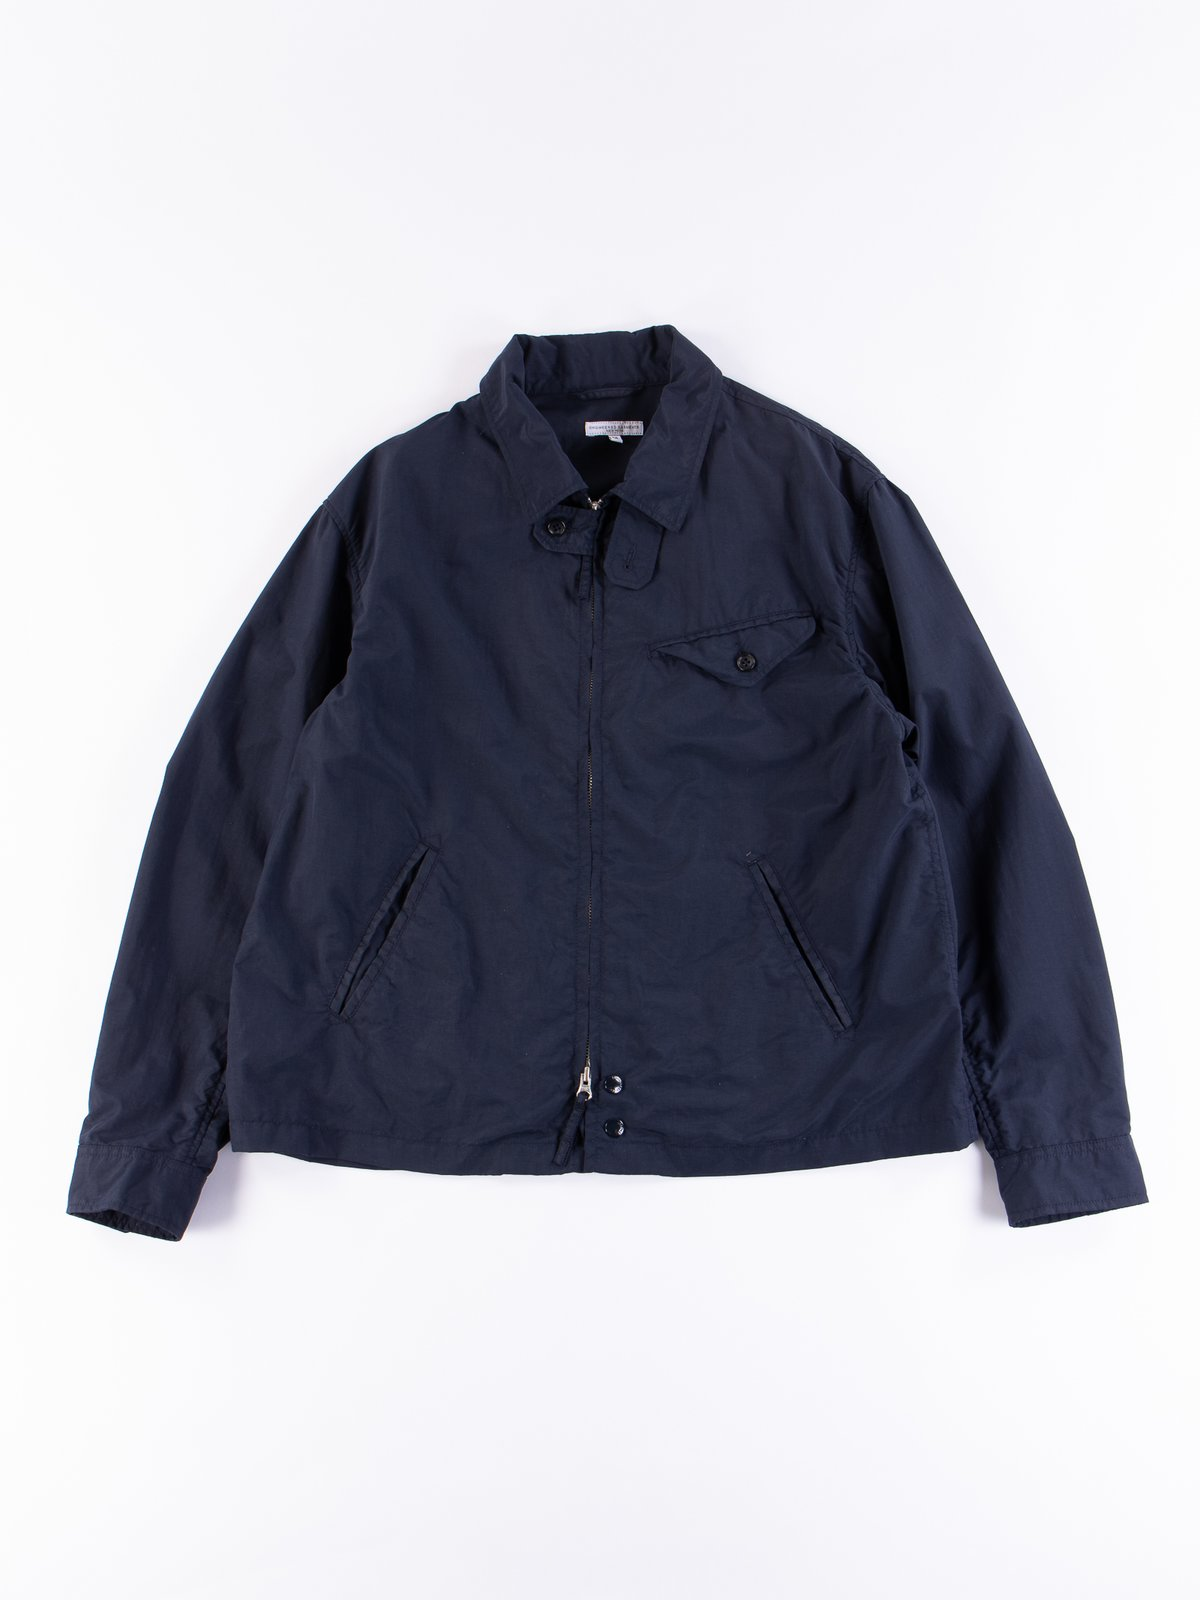 Navy Acrylic Coated Nylon Taffeta Driver Jacket - Image 1